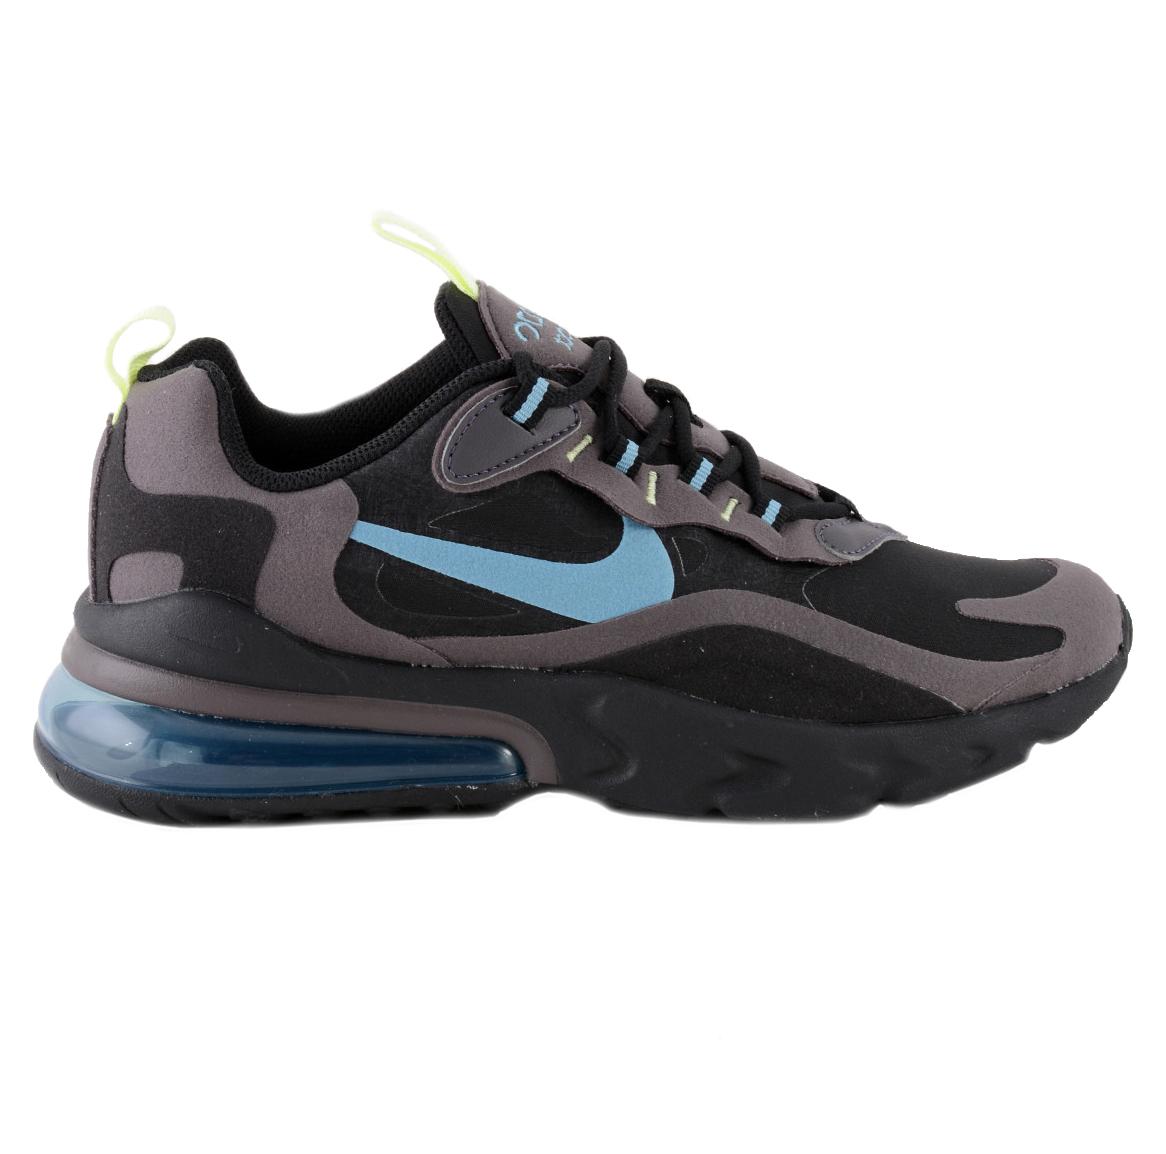 Nike Air Max 270 React GS Kinder Sneaker schwarz grau blau |